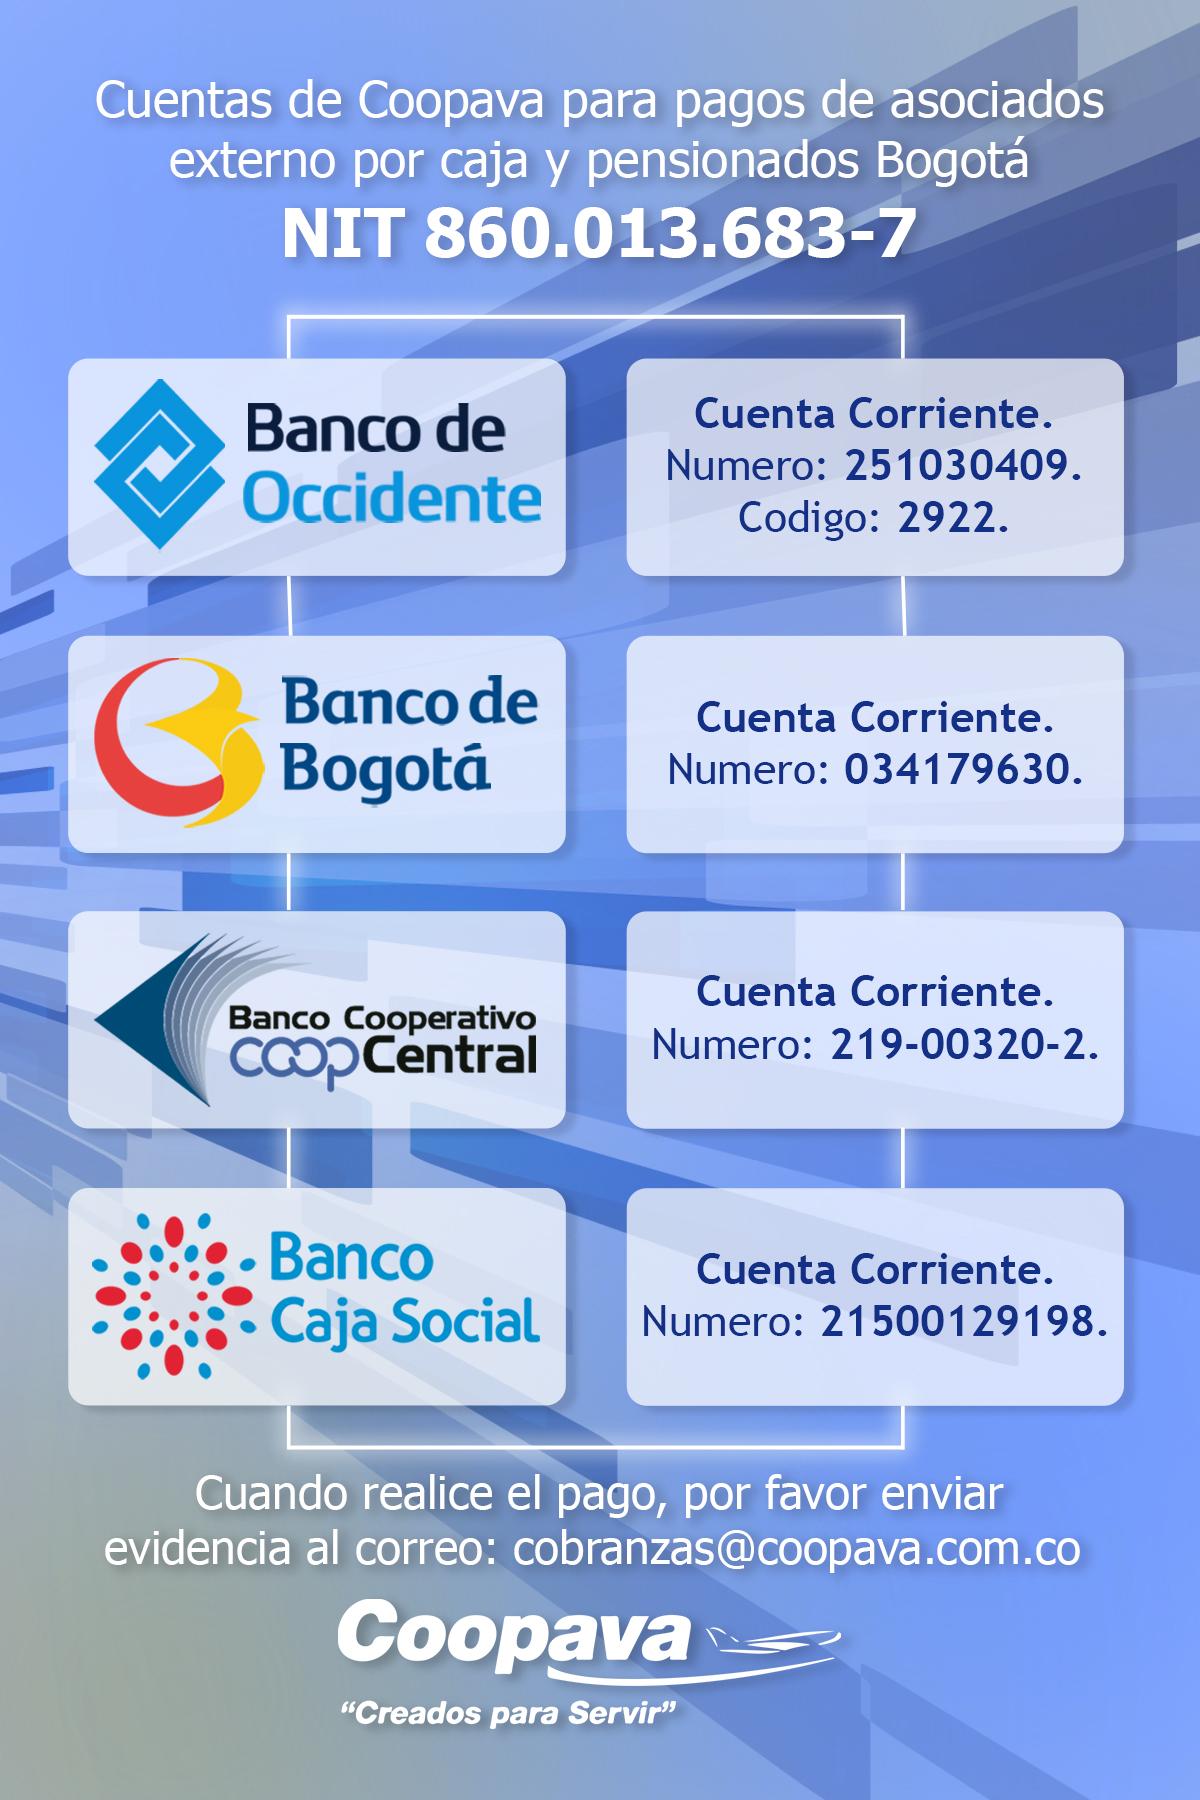 Numero de Cuentas Bogota2.jpg (926 KB)